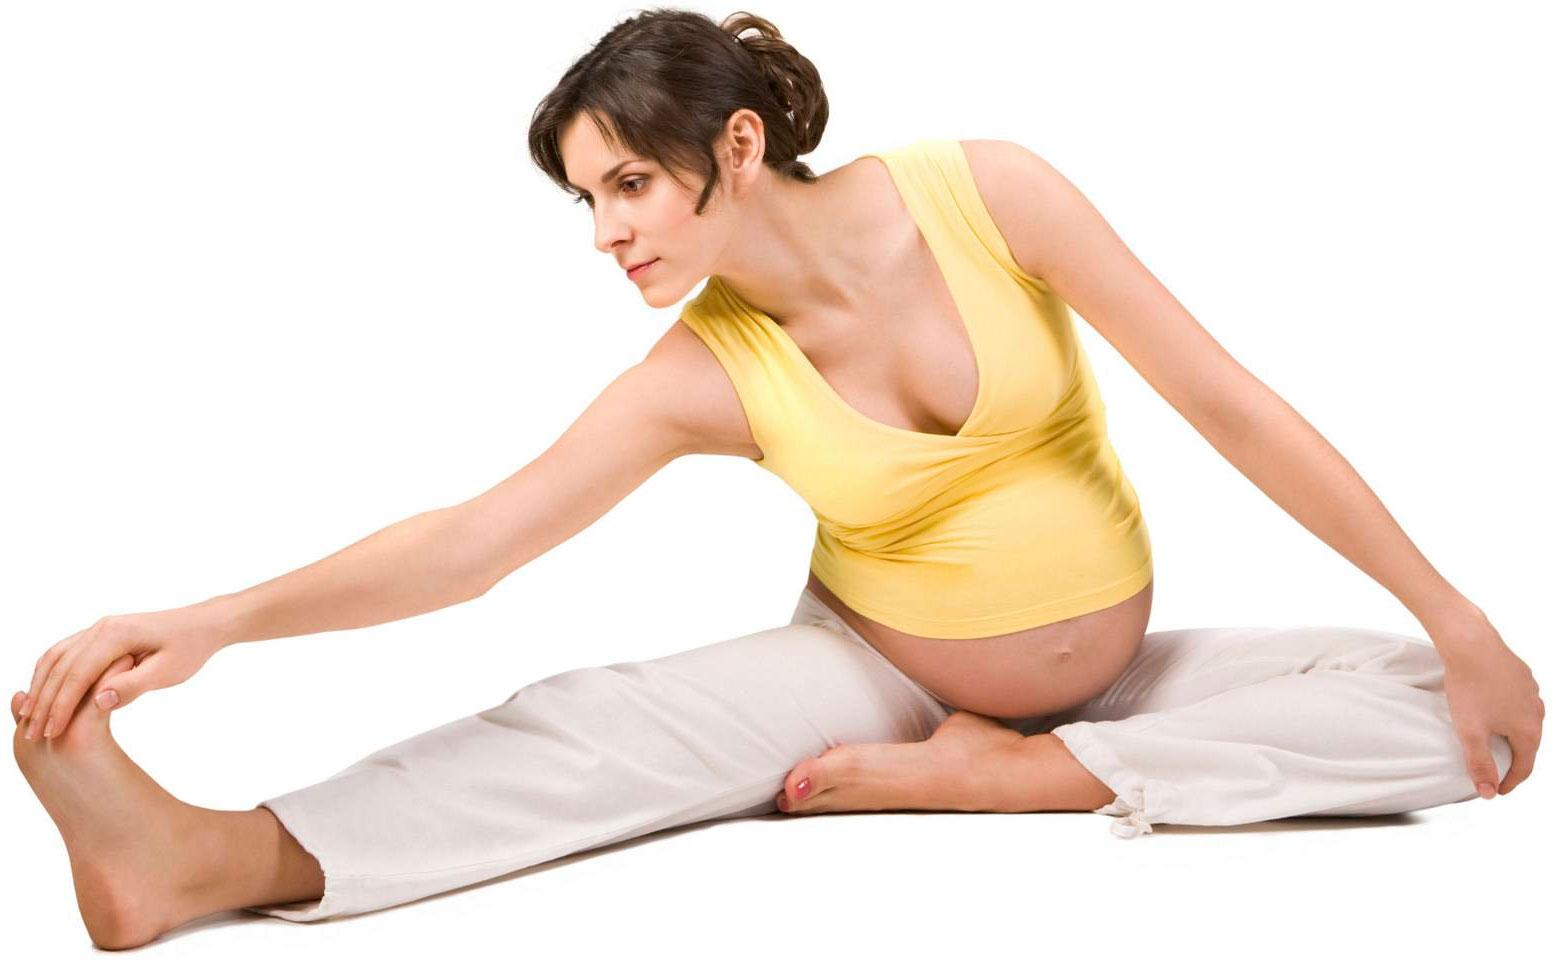 Дыхательная гимнастика для беременных в 1, 2, 3 триместрах: польза и вред для родов